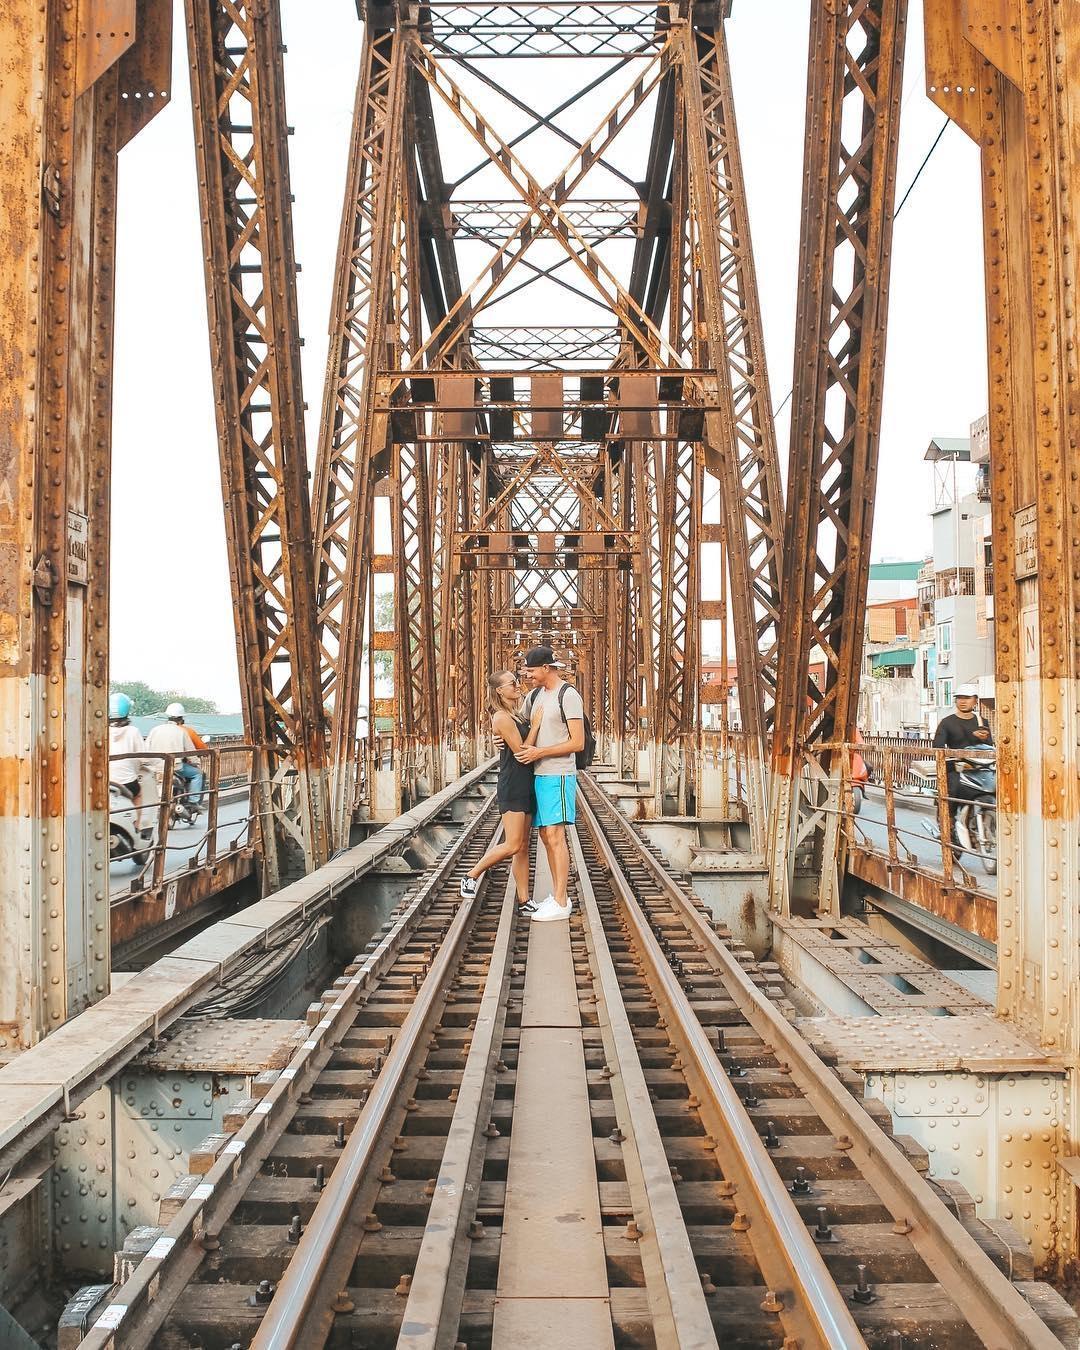 Bất chấp nguy hiểm, khách du lịch đổ xô đến cầu Long Biên chụp ảnh 'check-in' Ảnh 14